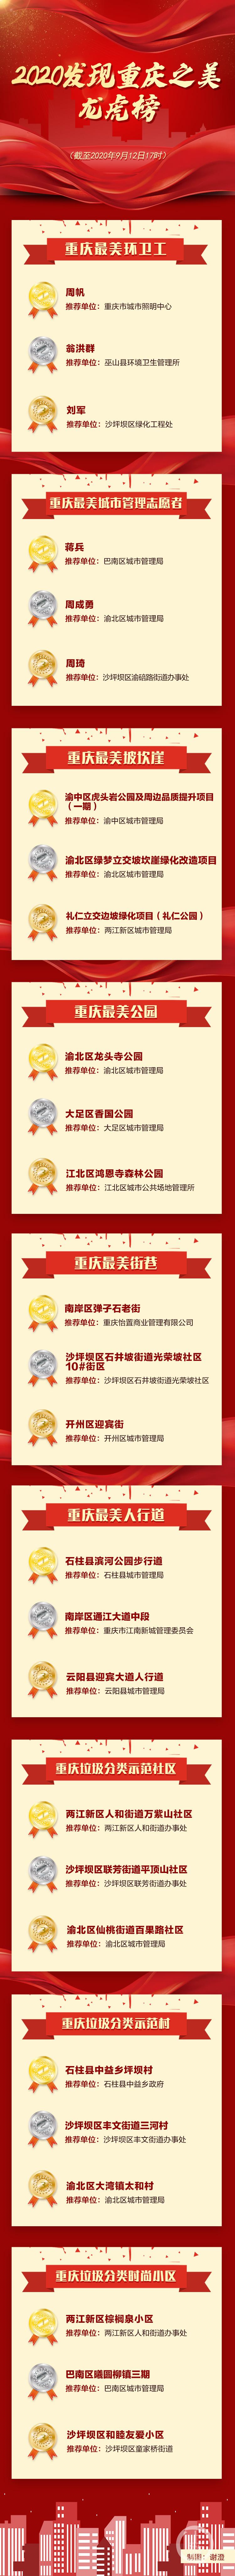 发现重庆之美|市民点赞仅剩40多个小时 (5197213)-20200912181726.jpg